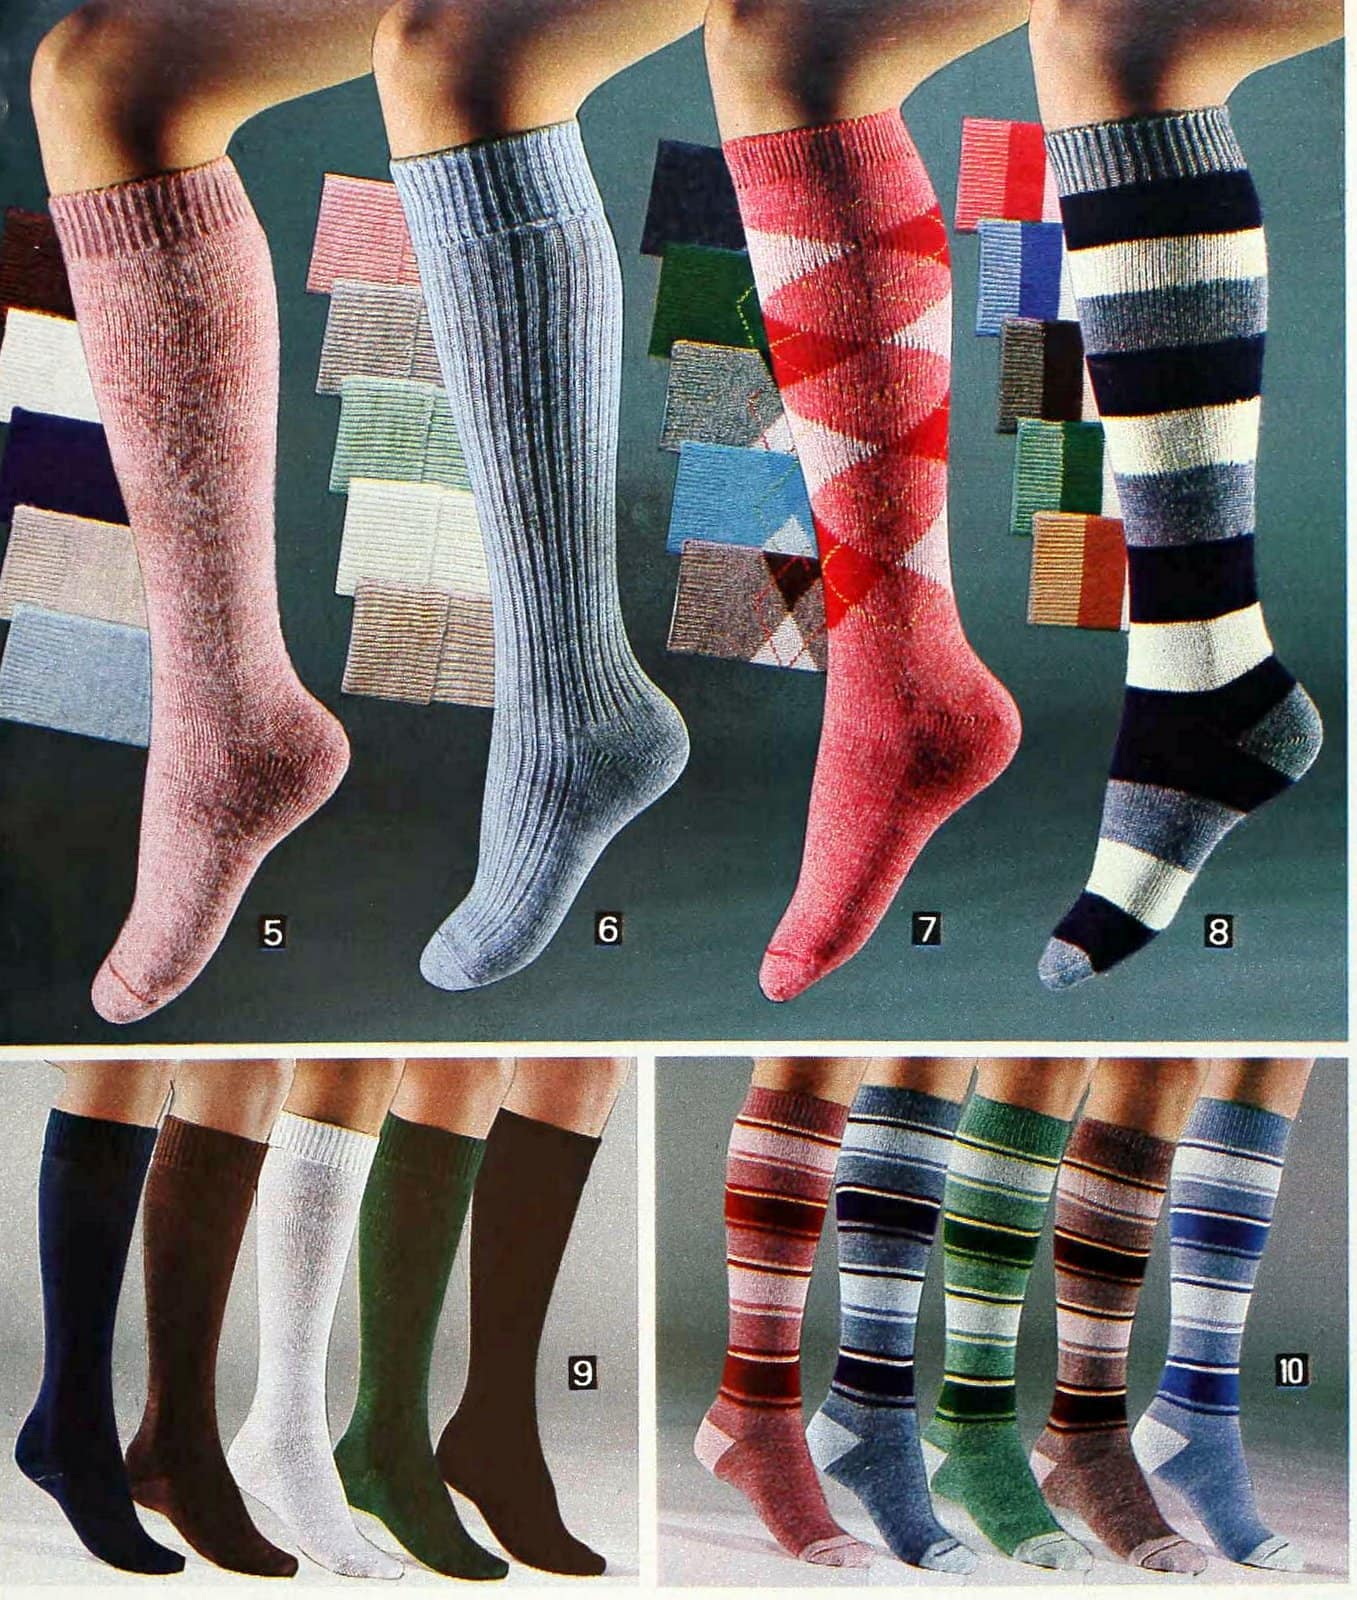 Retro women's sock styles from 1980